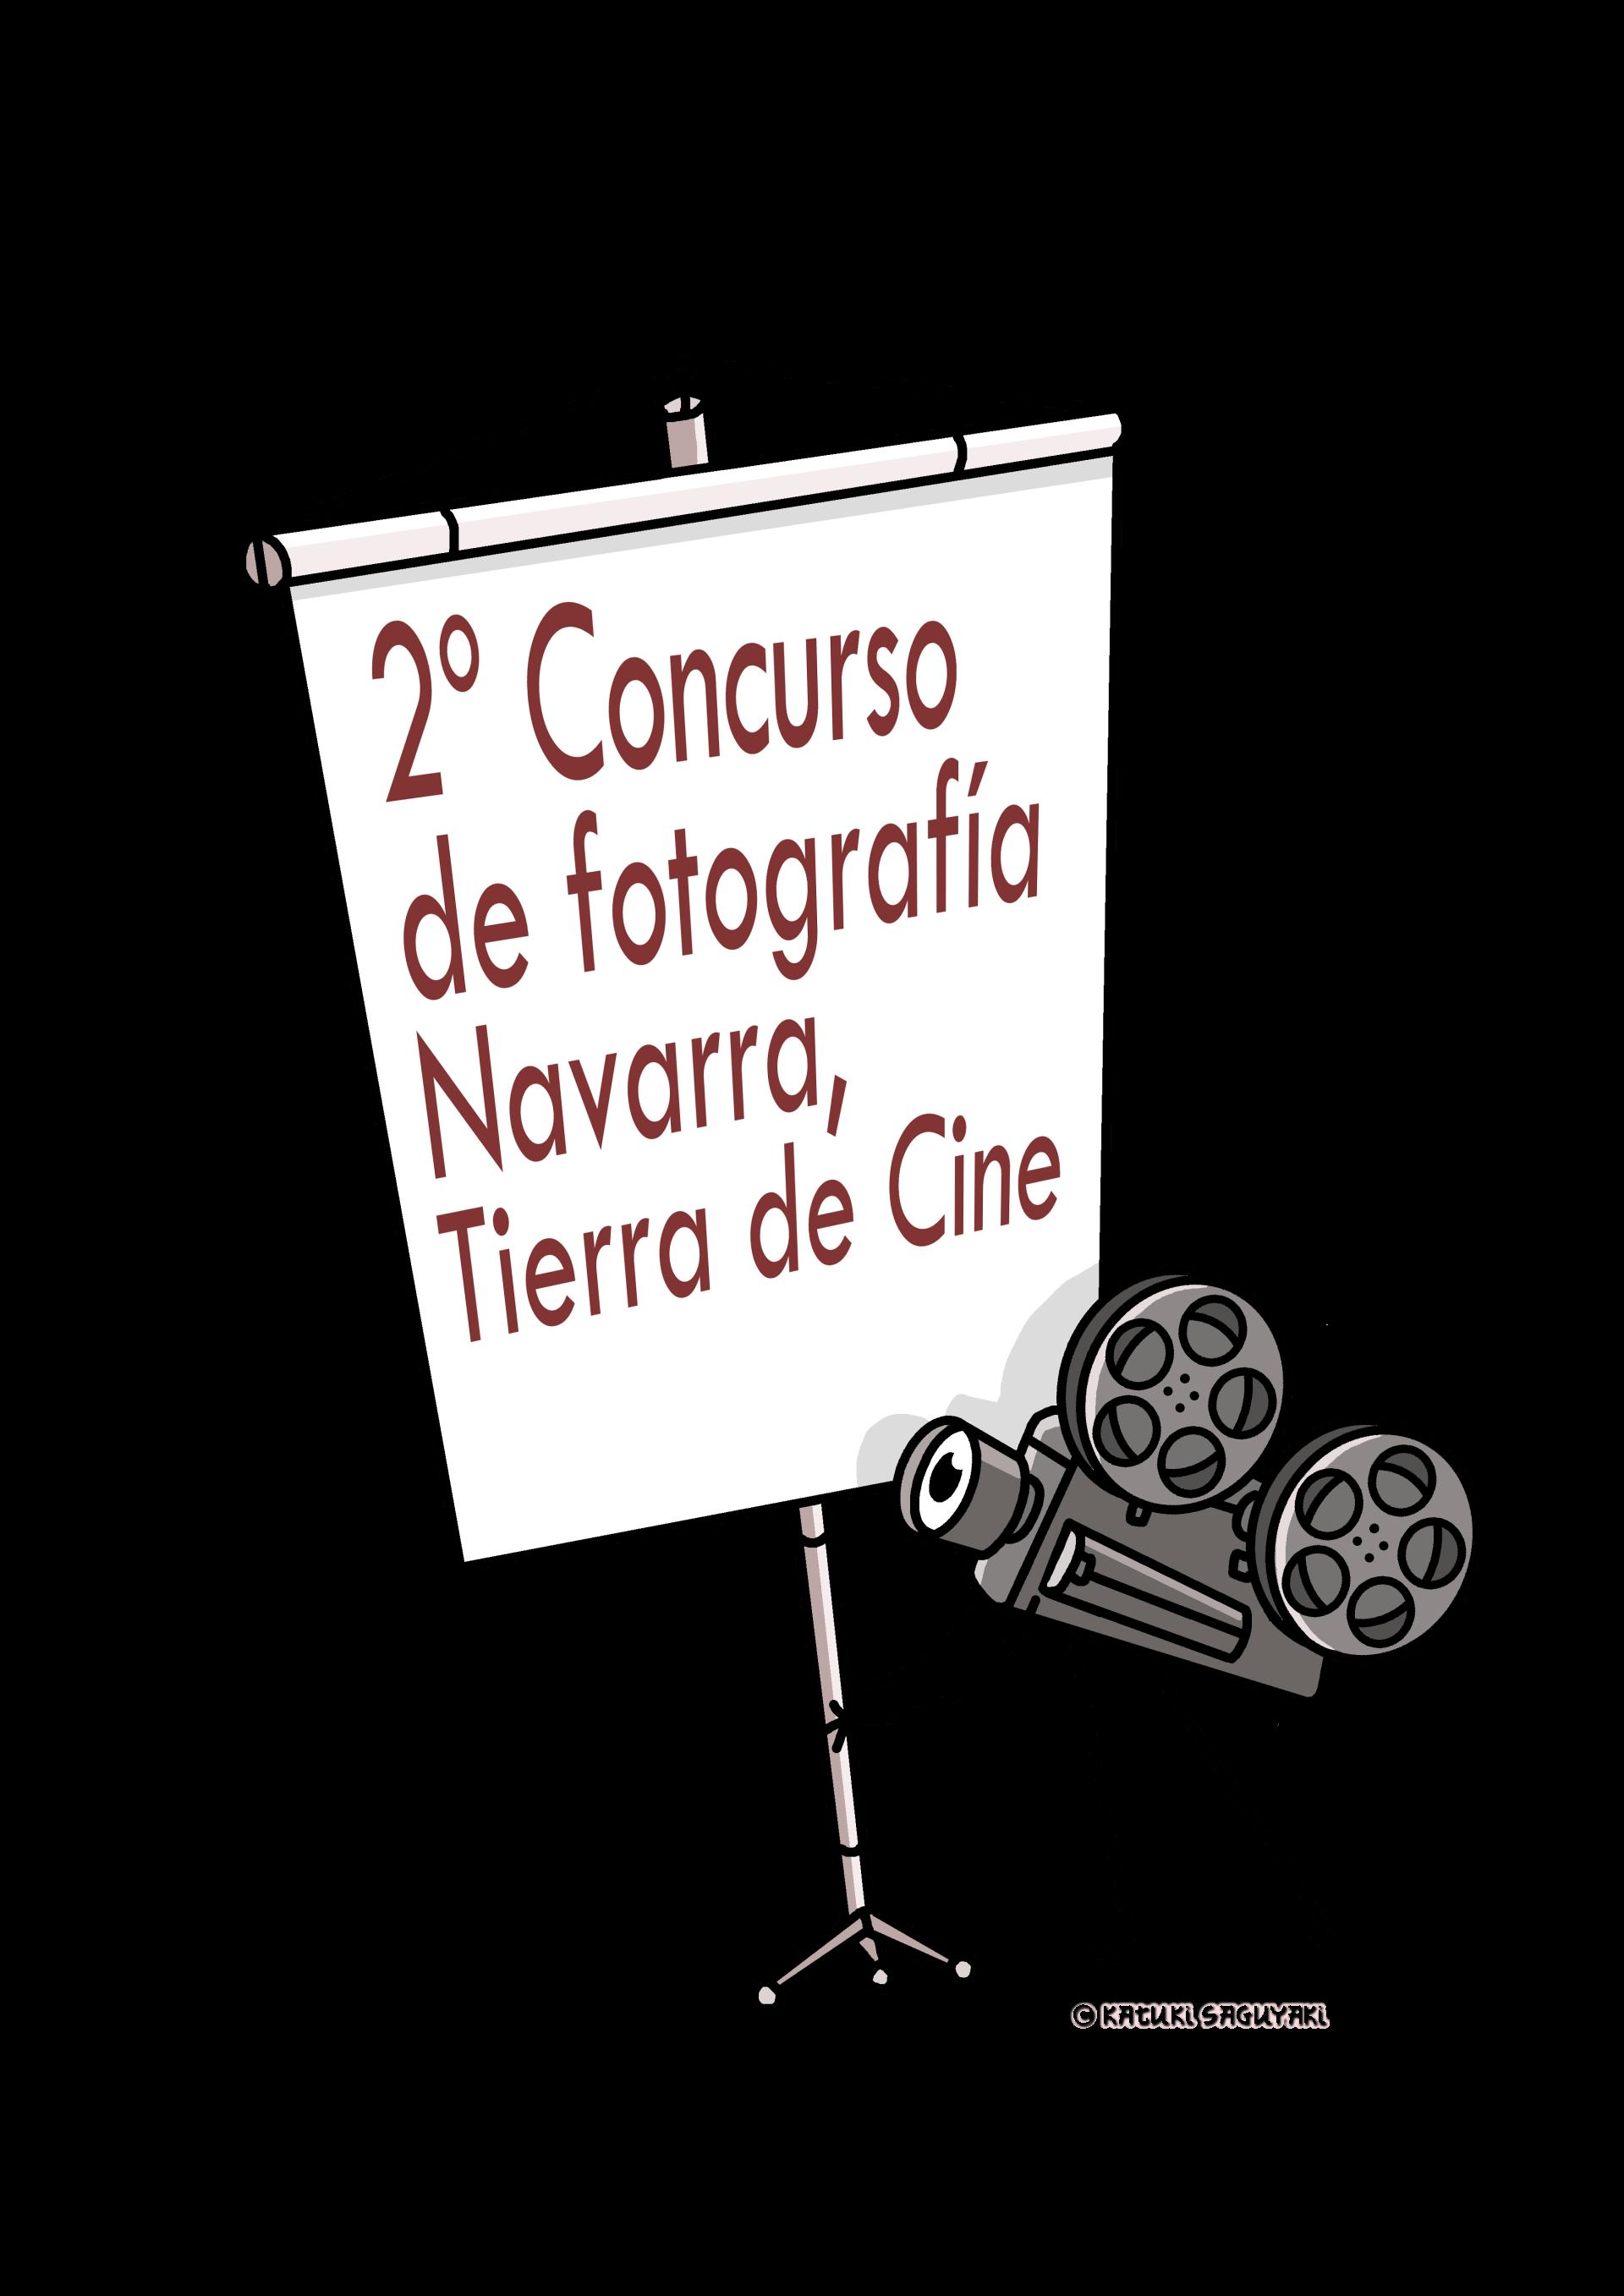 """II Concurso de fotografía """"Navarra, tierra de cine"""""""